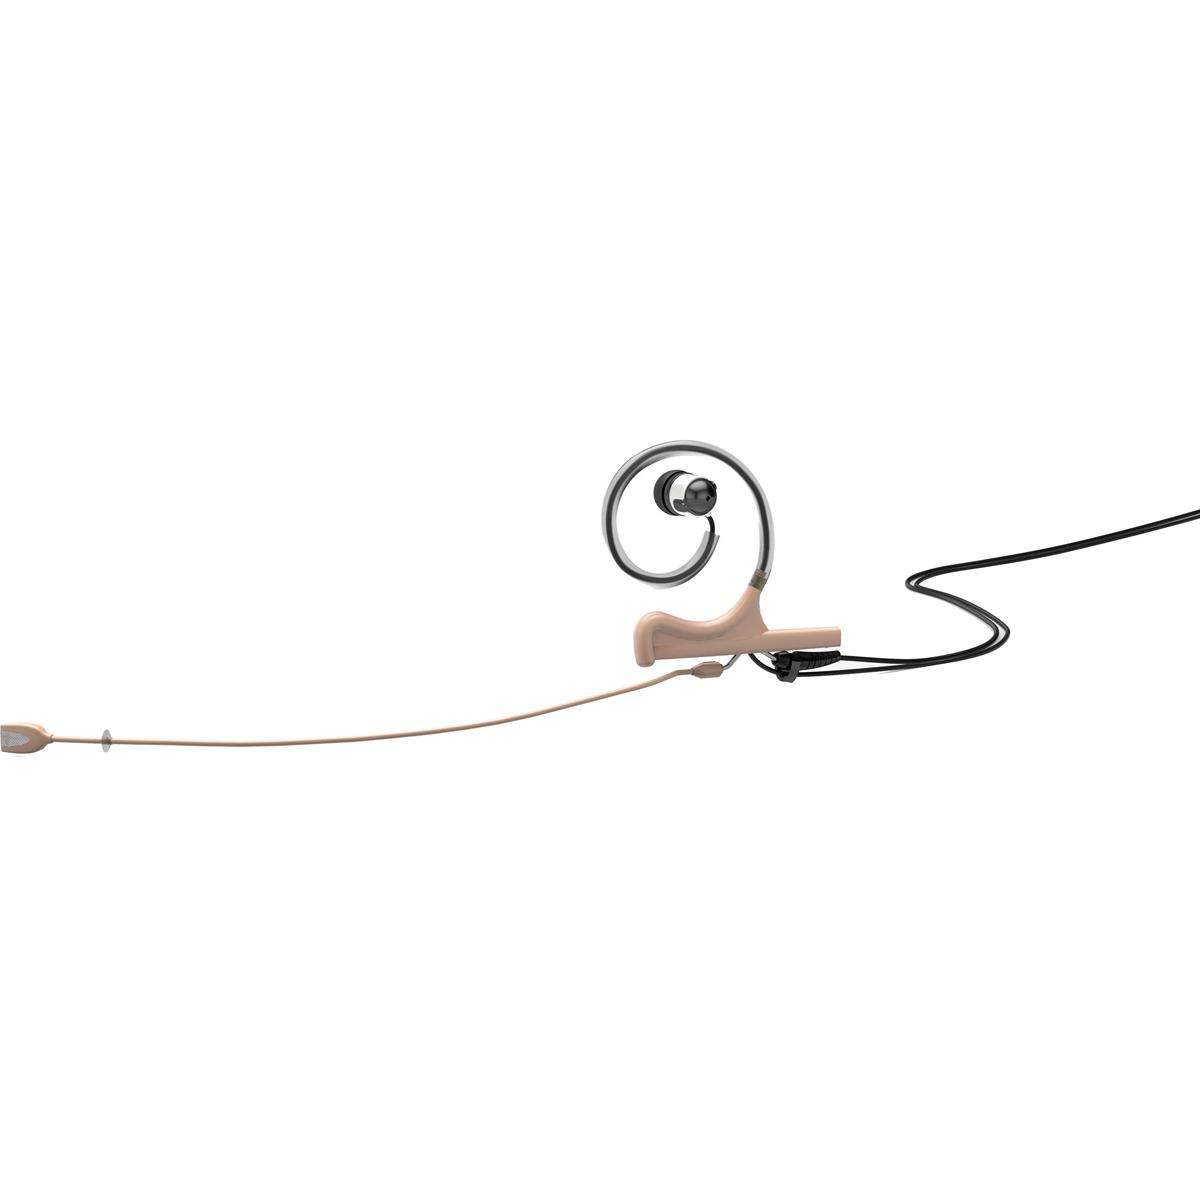 DPA DANISH PRO AUDIO FIDF00-IE1-B   D:FINE IN EAR DIRECT. 120MM  BEIGE - DPFIDF00IE1B